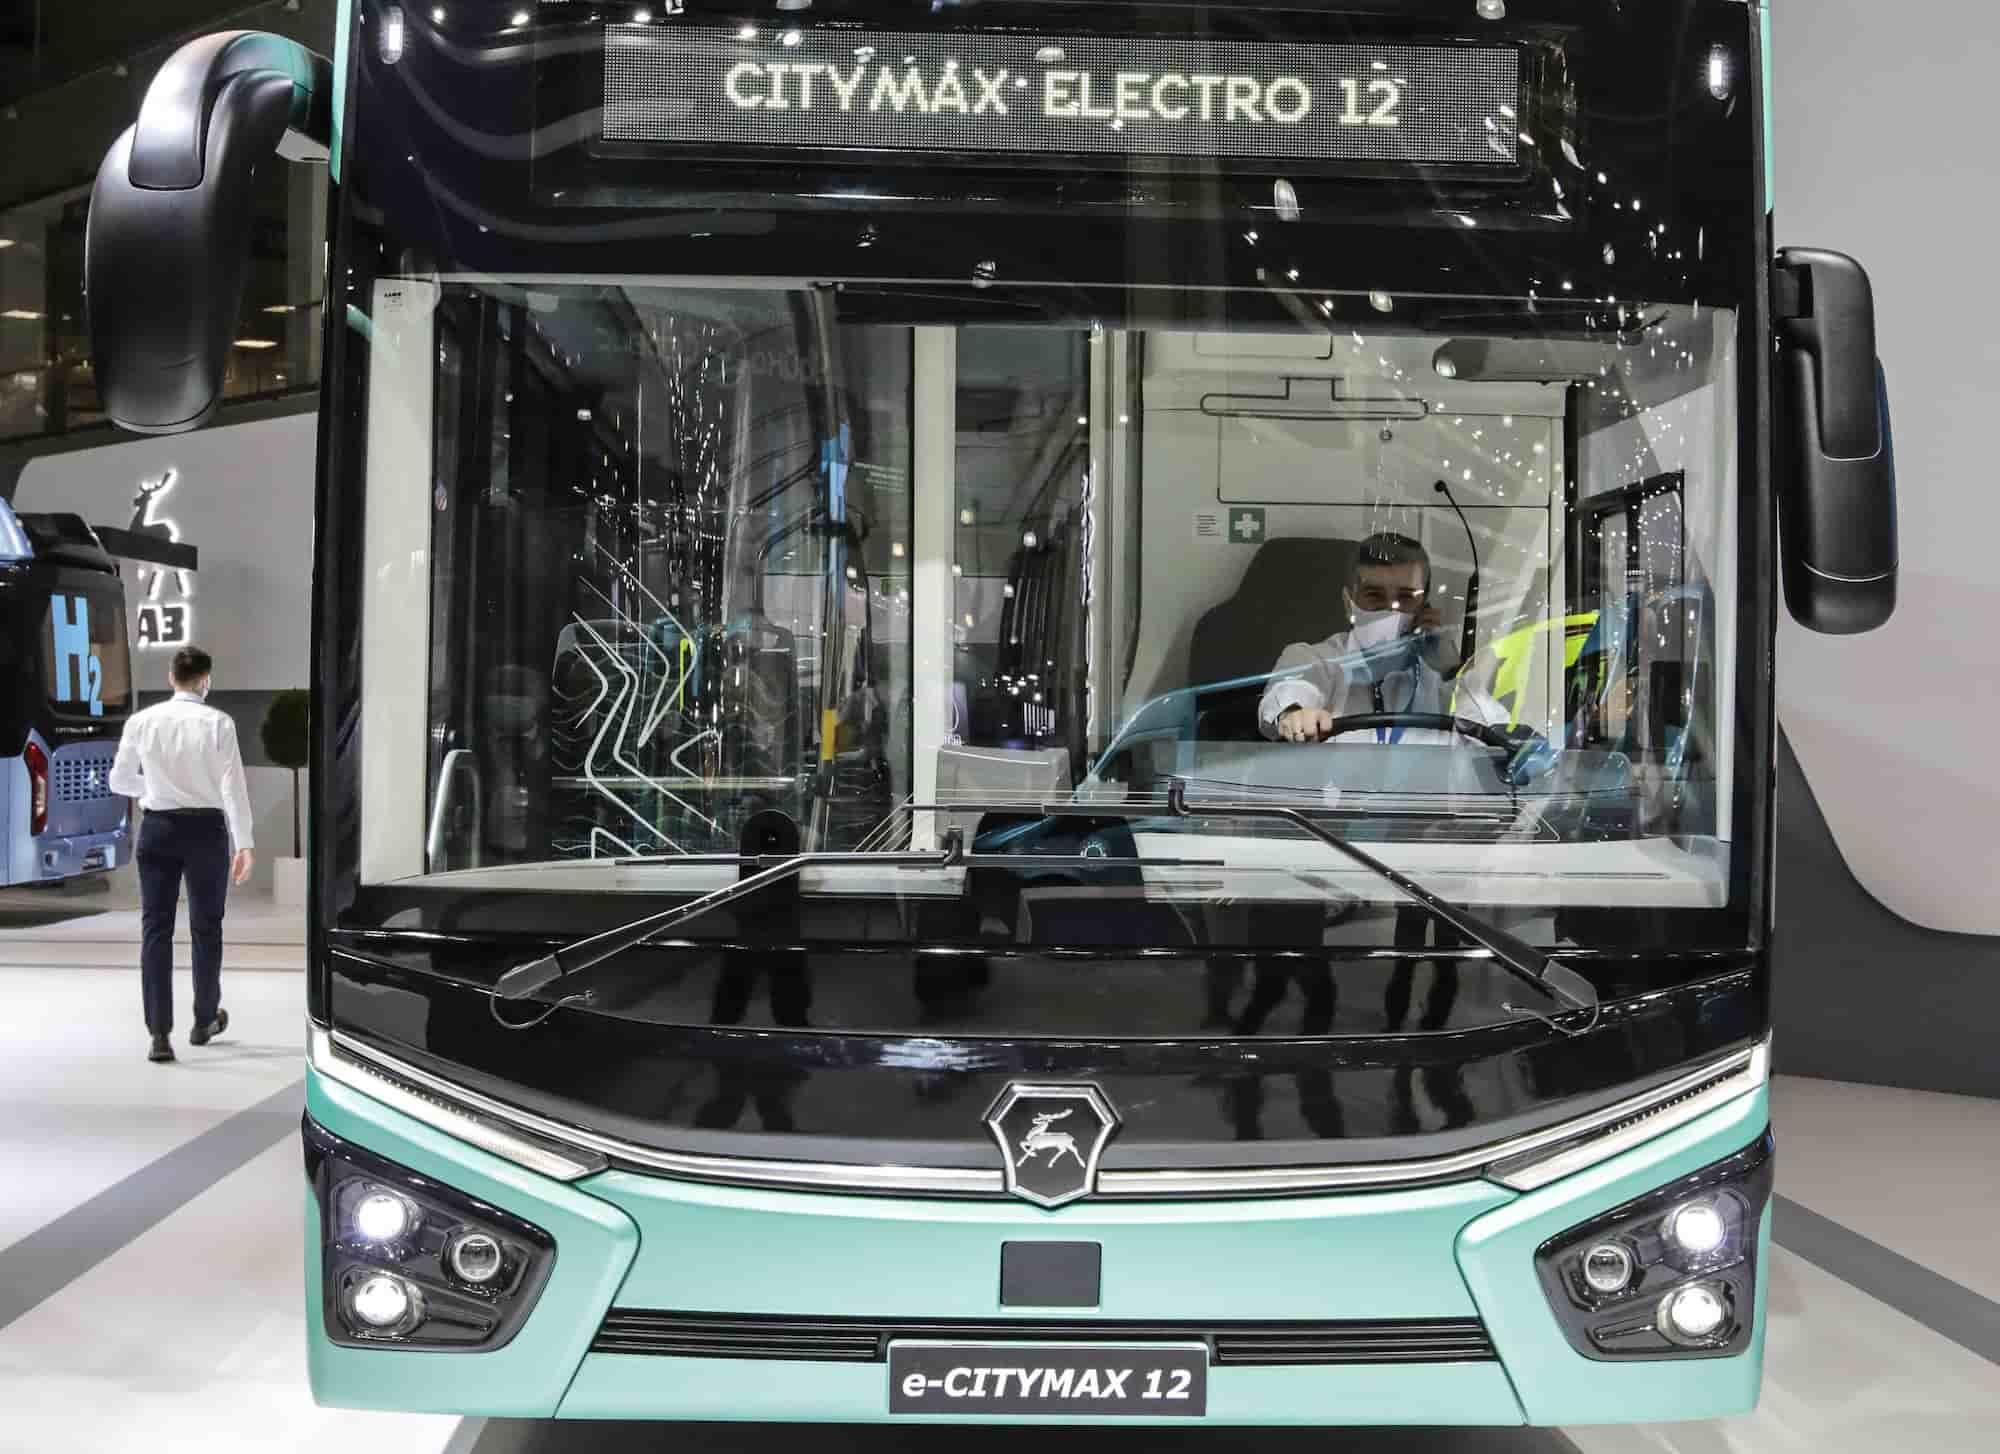 Электробус E CITYMAX 12 3 1